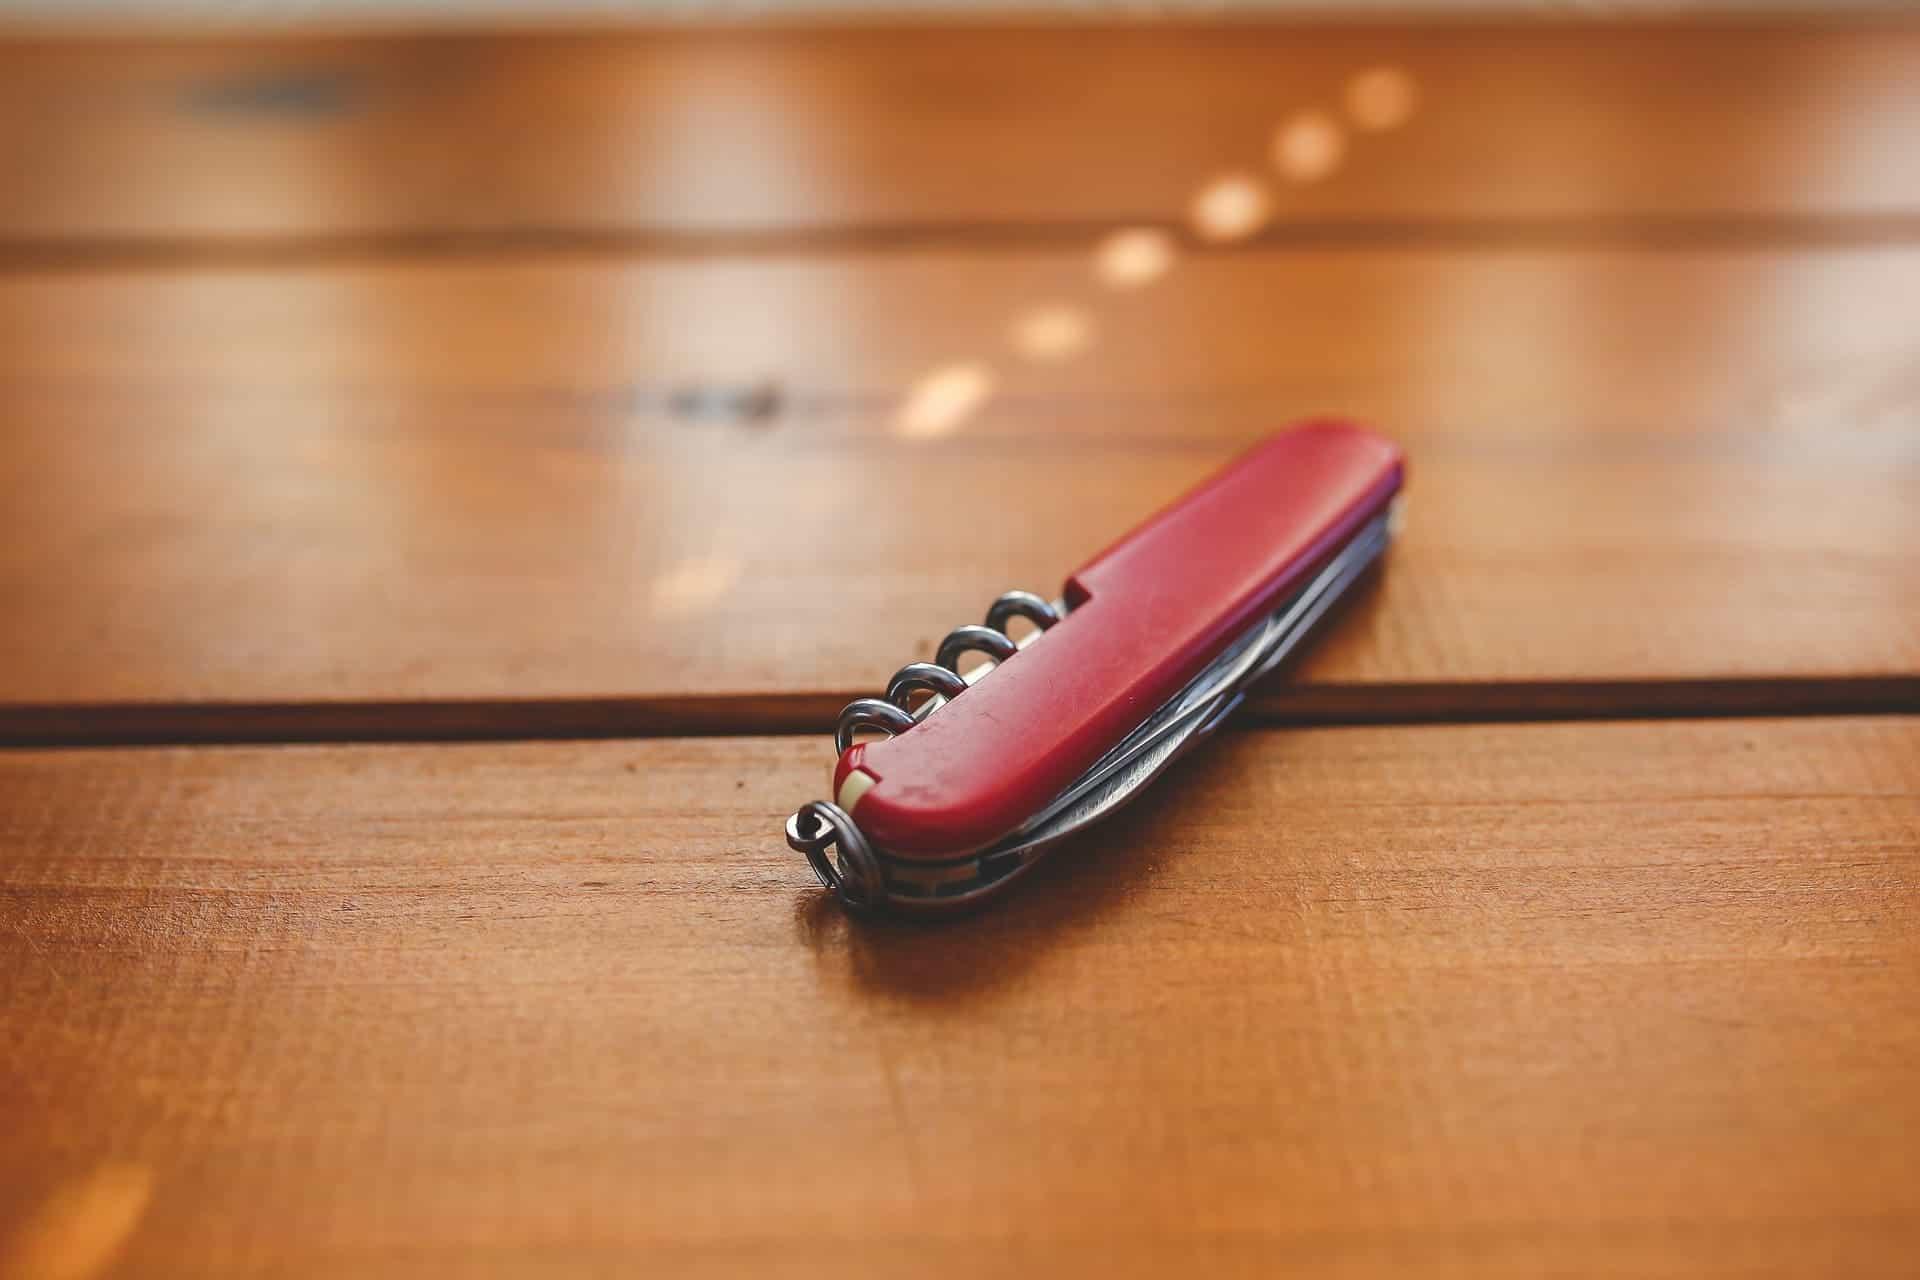 Schweizer Taschenmesser: Test & Empfehlungen (11/20)